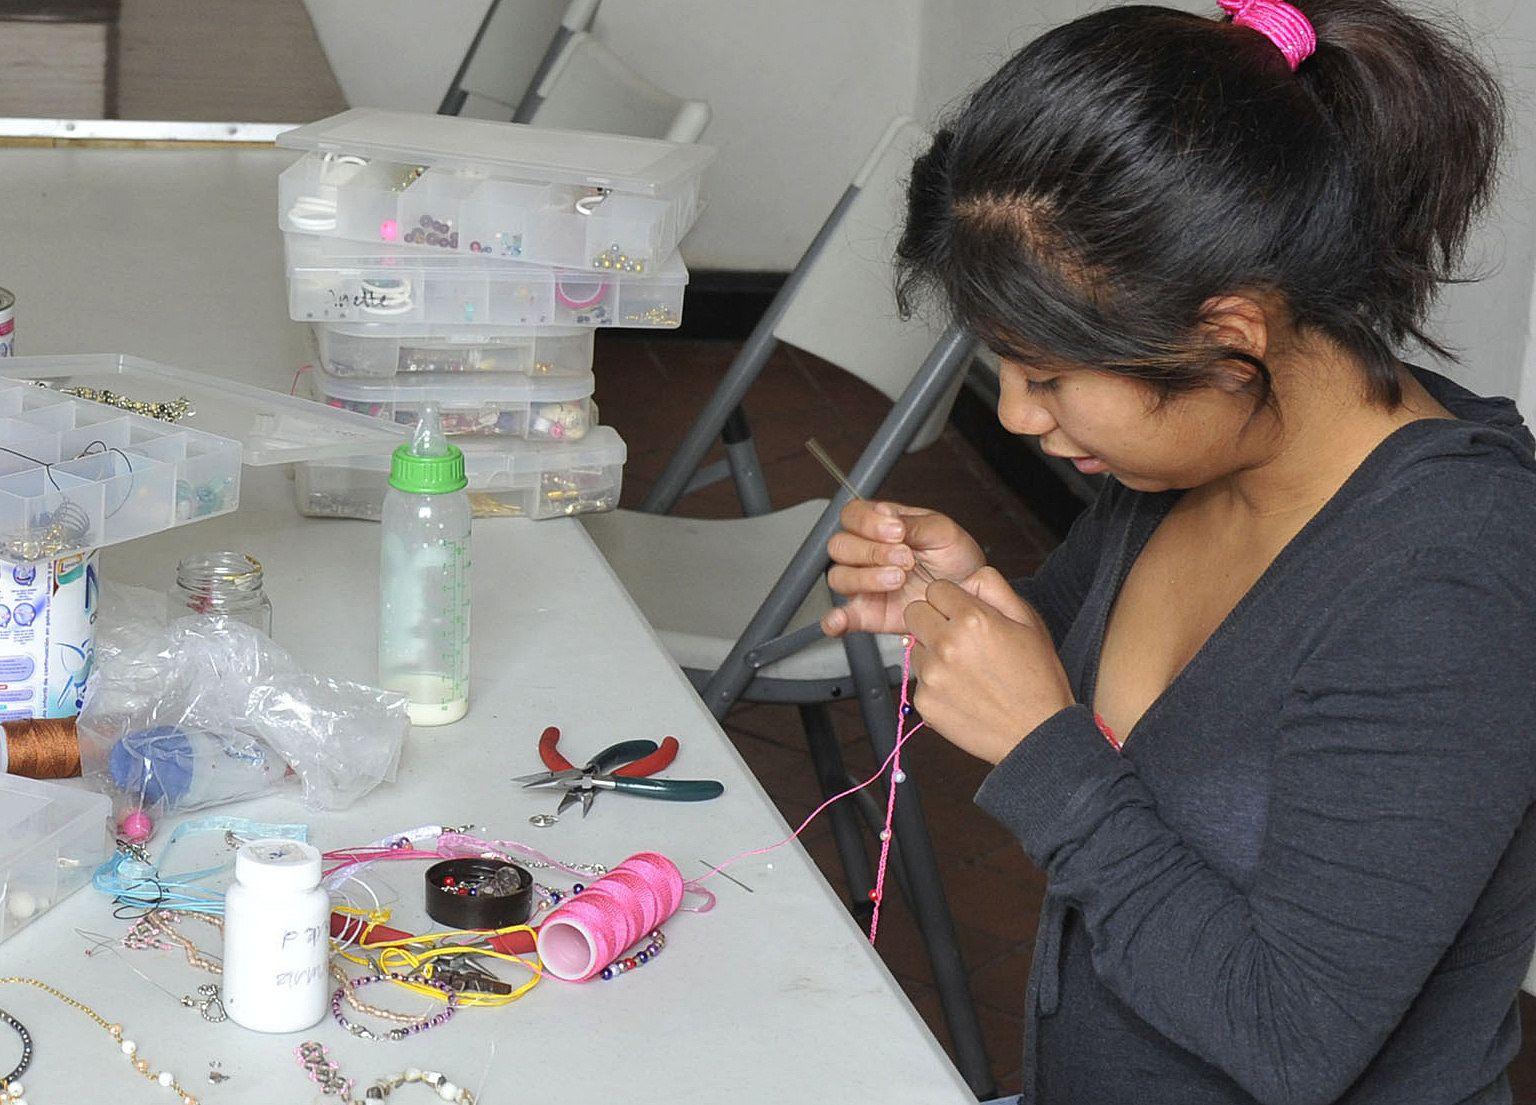 El 49 % de niñas y adolescentes mexicanas trabaja, según Comisión de DDHH